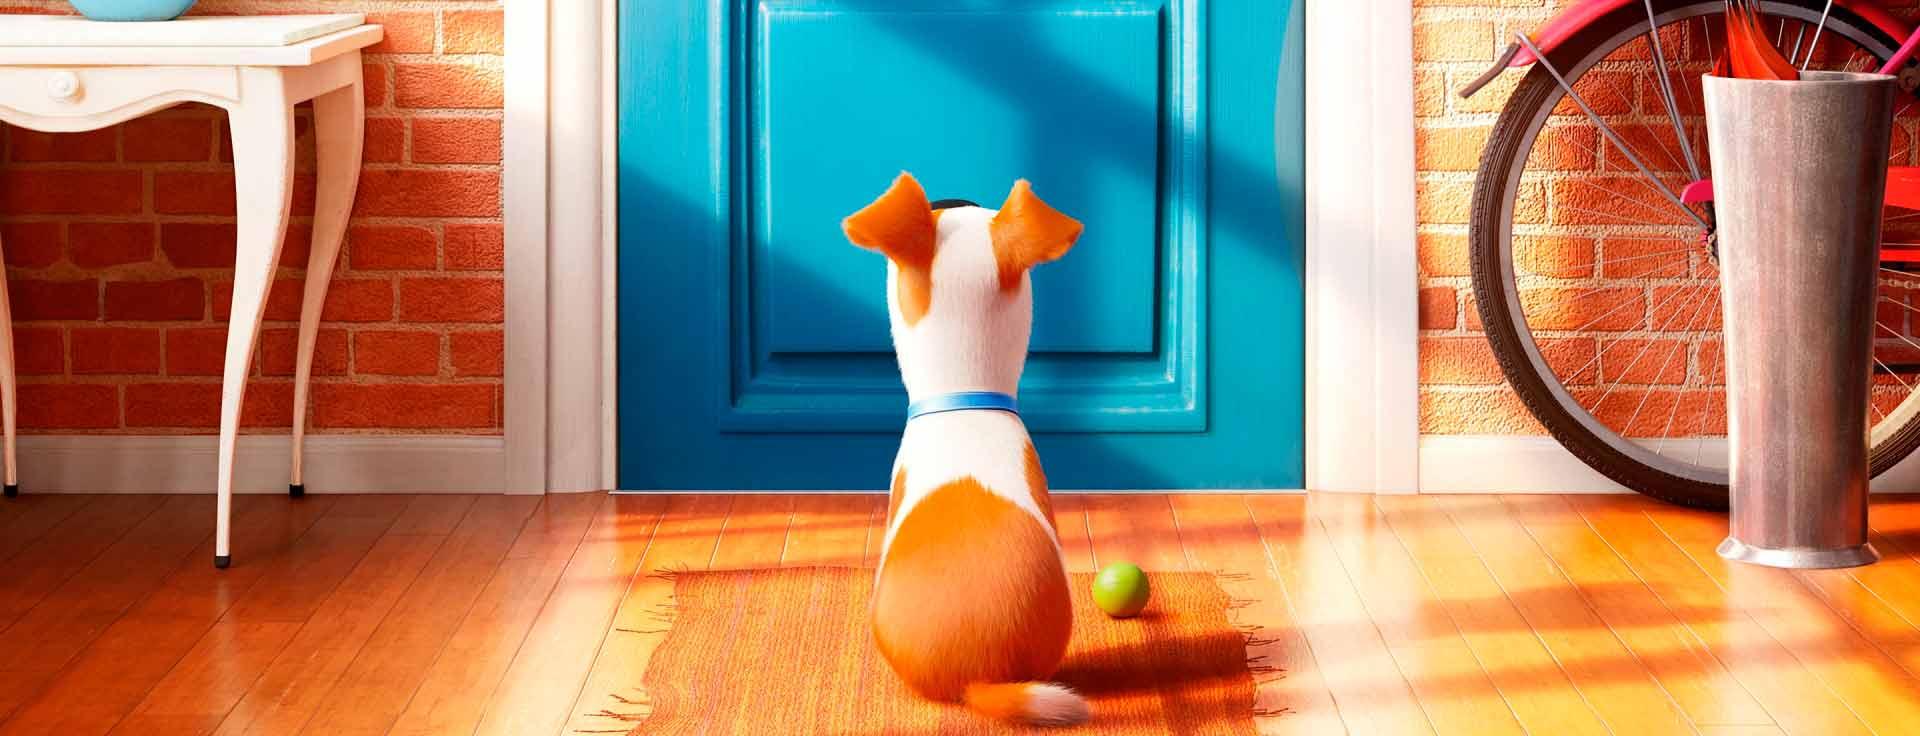 Moderno Mascotas Para Colorear Ornamento - Ideas Para Colorear ...